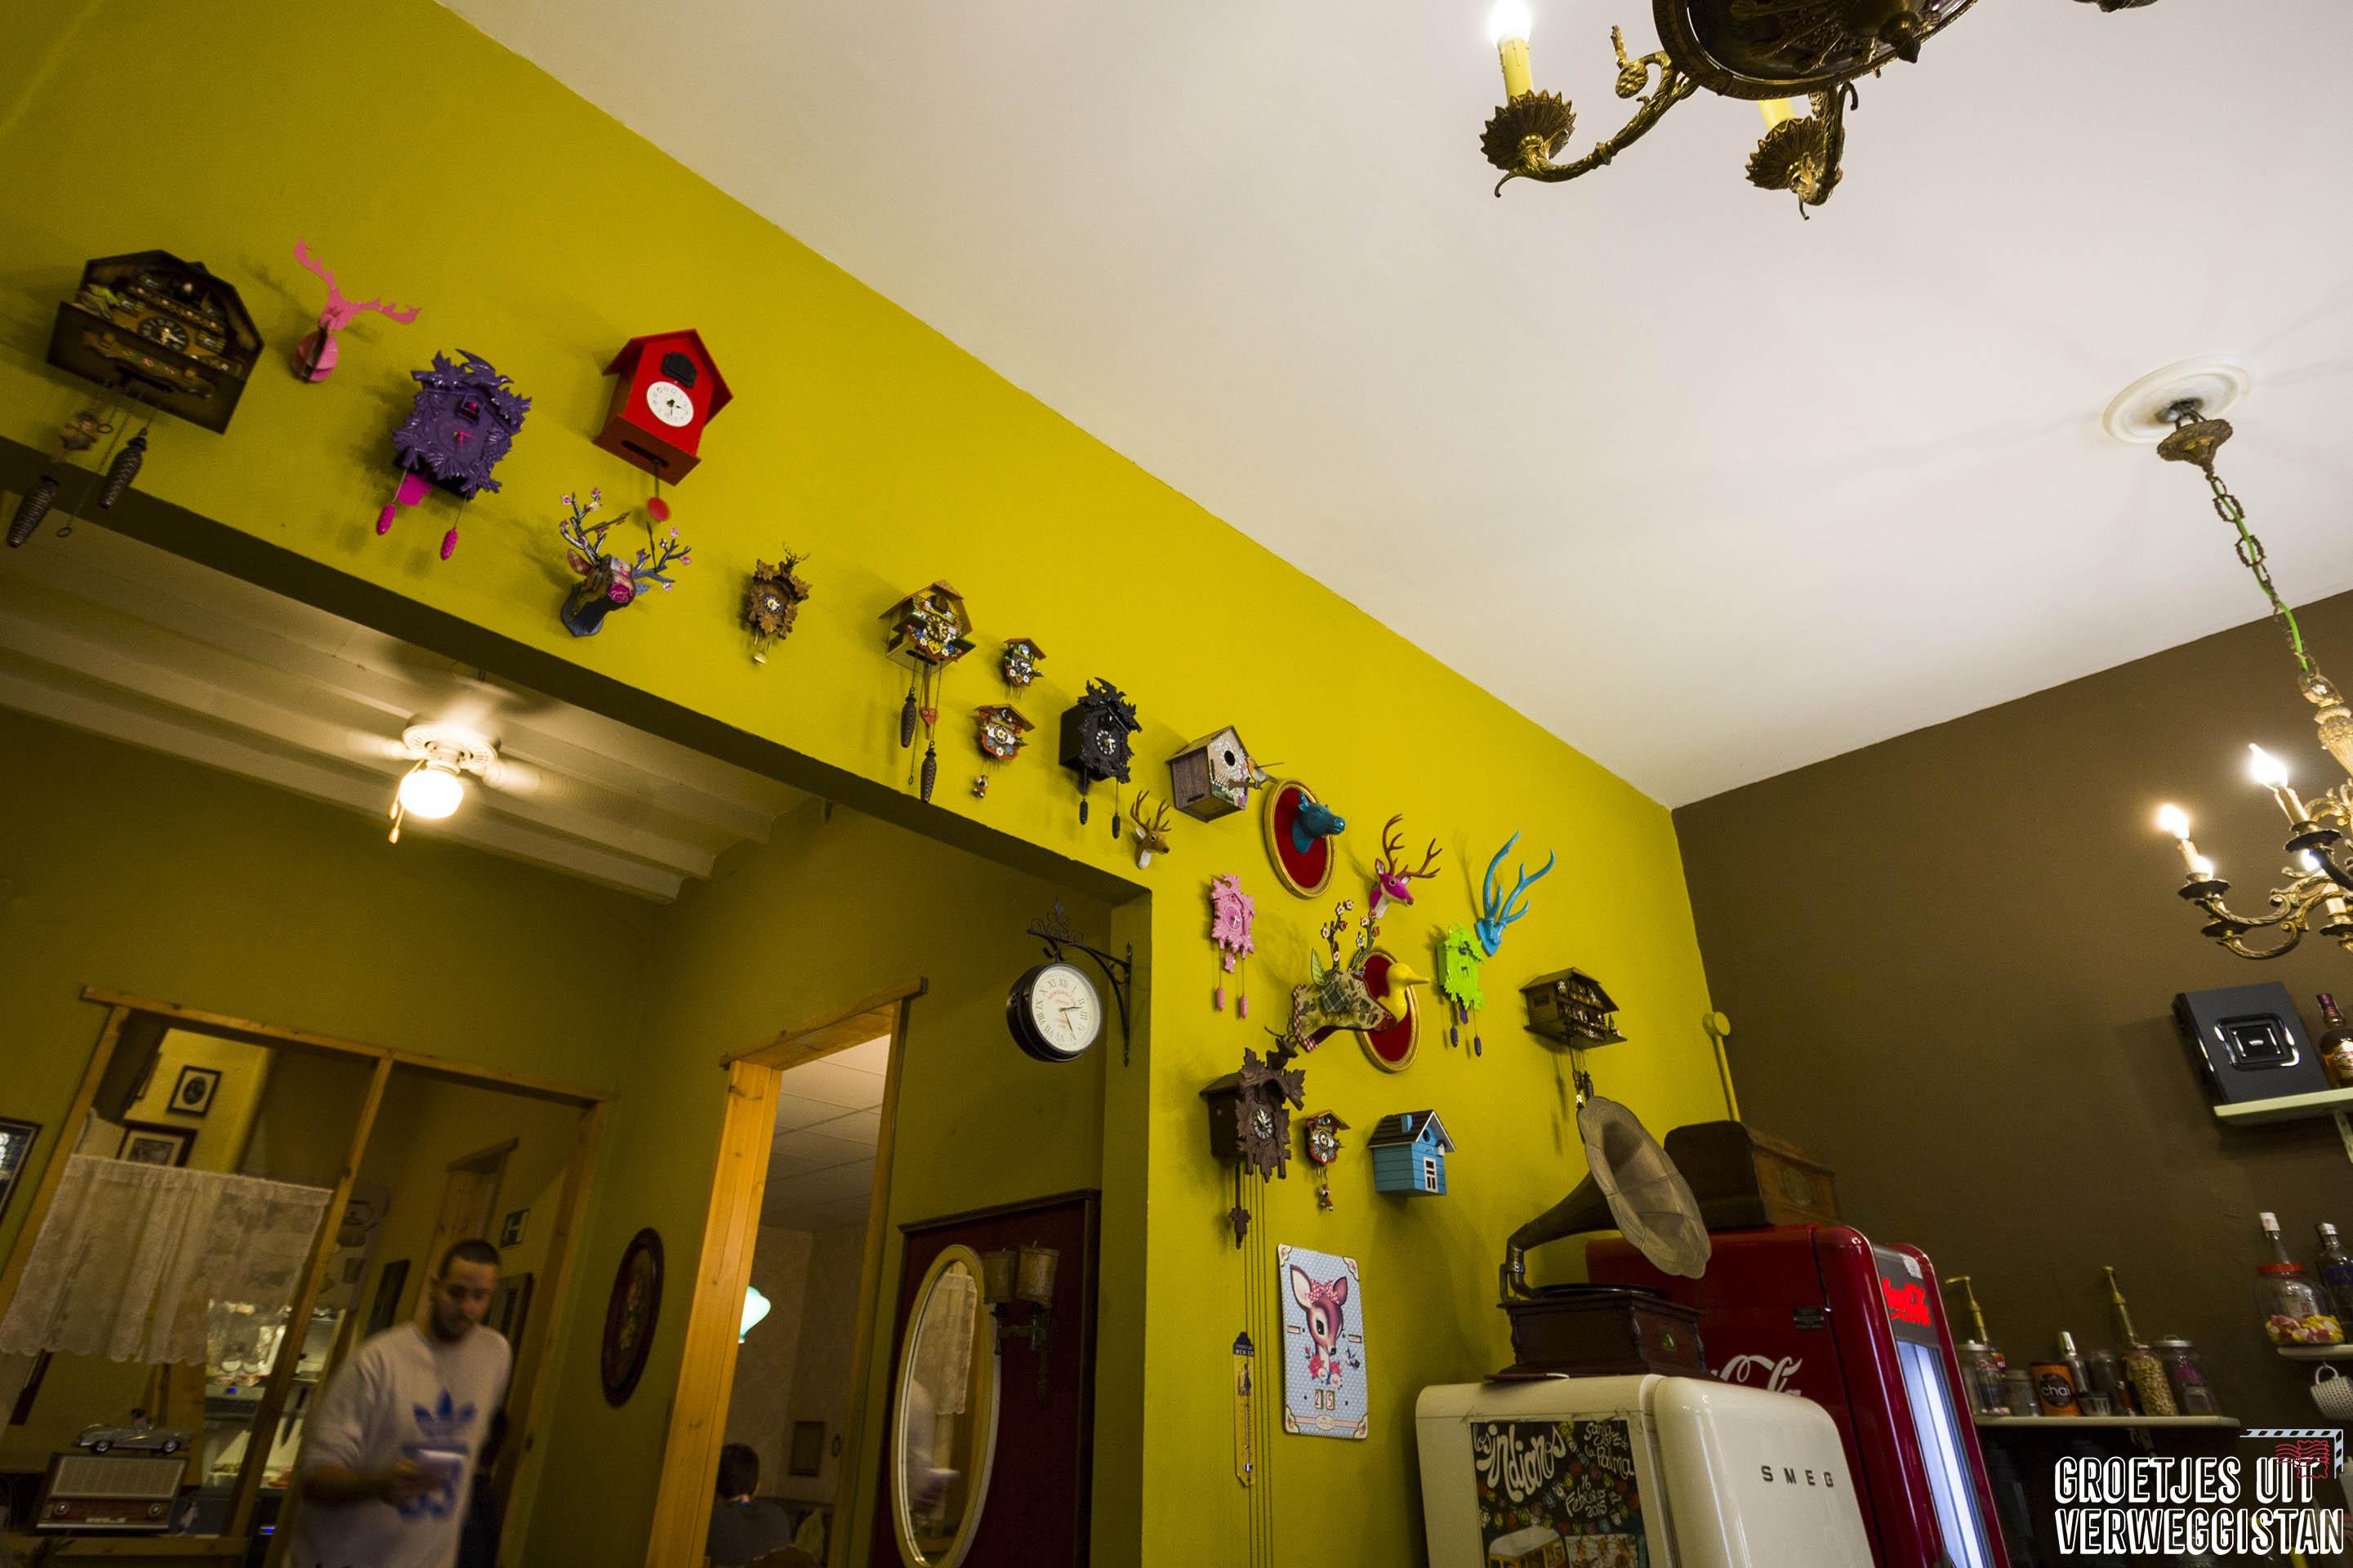 Gele muur met klokken